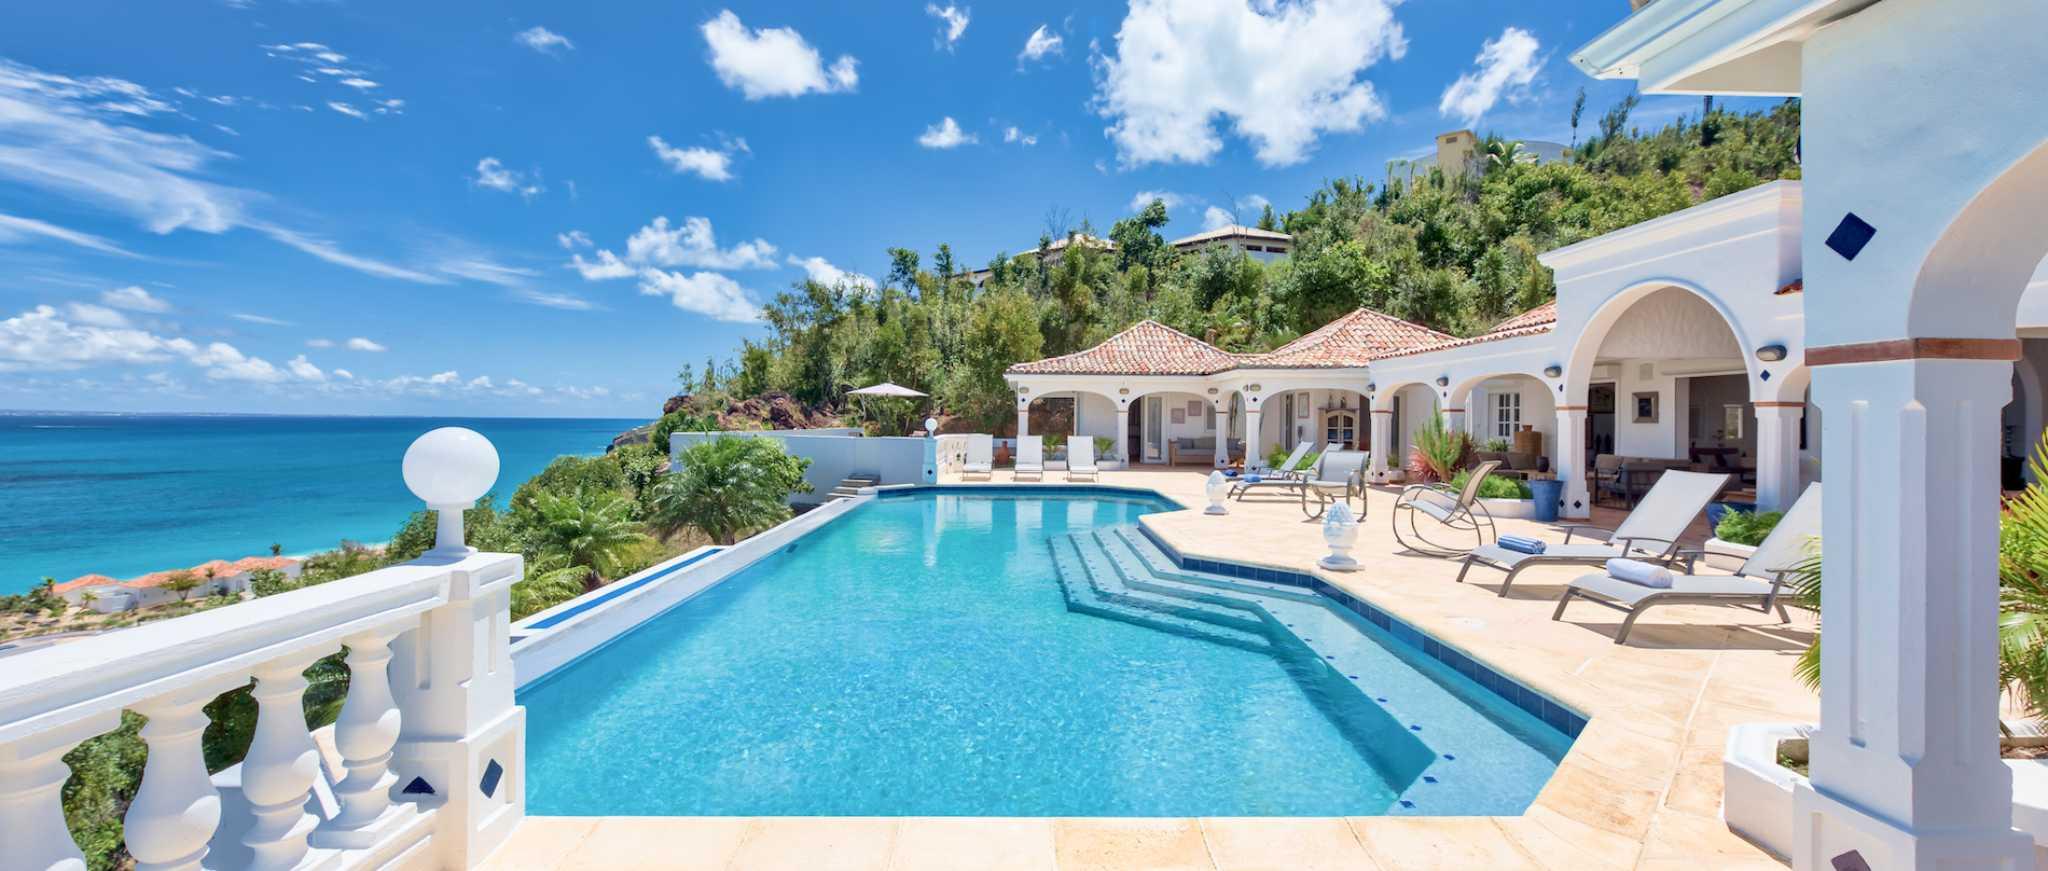 Villa Mezel Terres Basses St Martin Villa For Sale